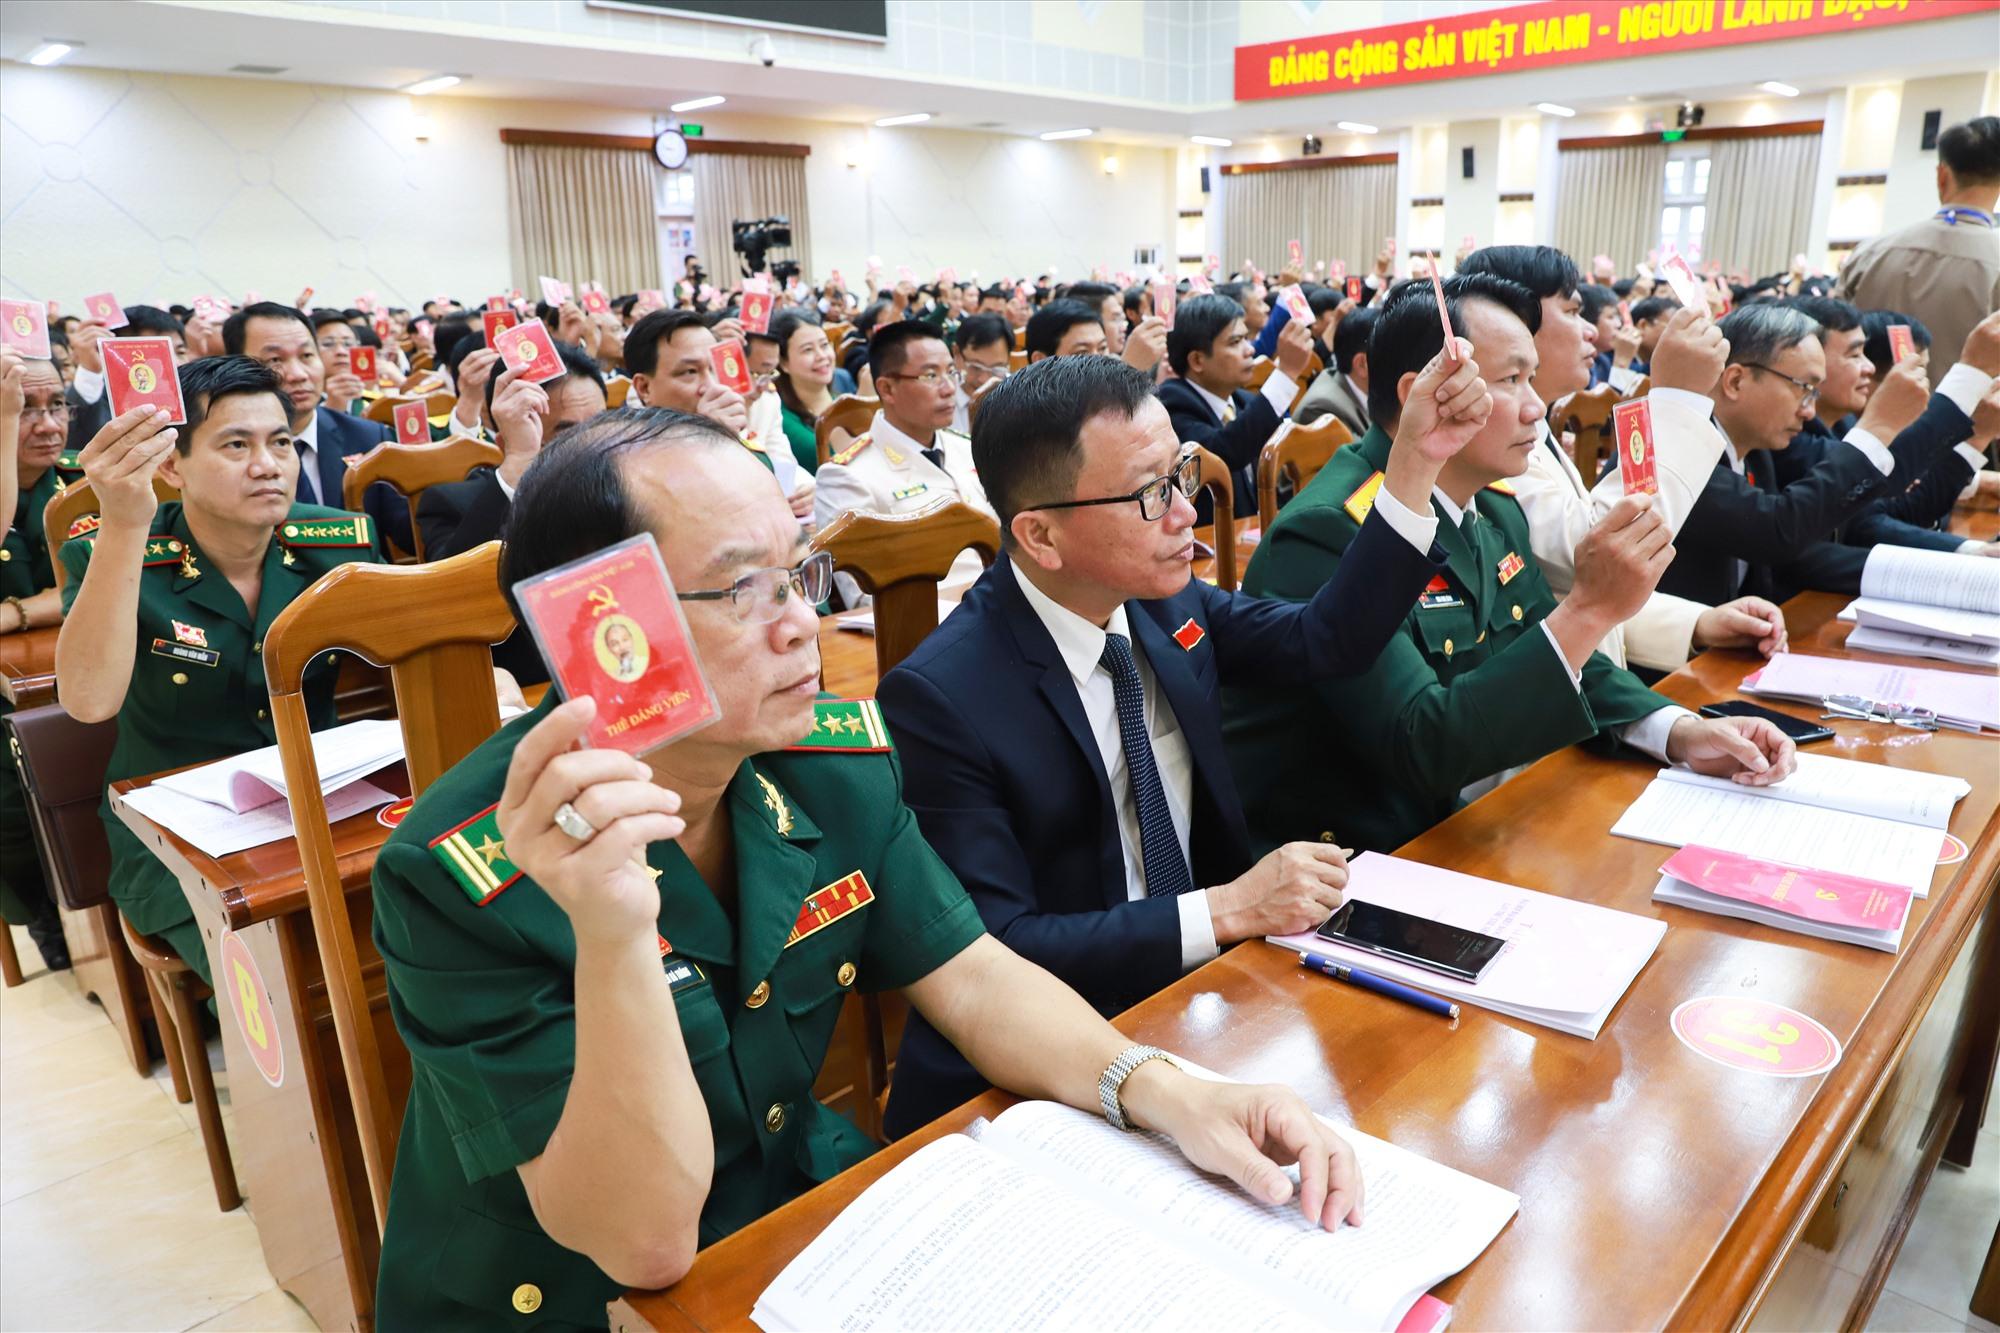 Đại hội đại biểu Đảng bộ tỉnh lần thứ XXII (nhiệm kỳ 2020 - 2025) xác định tiếp tục kiện toàn, sắp xếp tổ chức bộ máy chính quyền các cấp theo hướng tinh gọn, hoạt động hiệu lực, hiệu quả. Ảnh: N.Đ